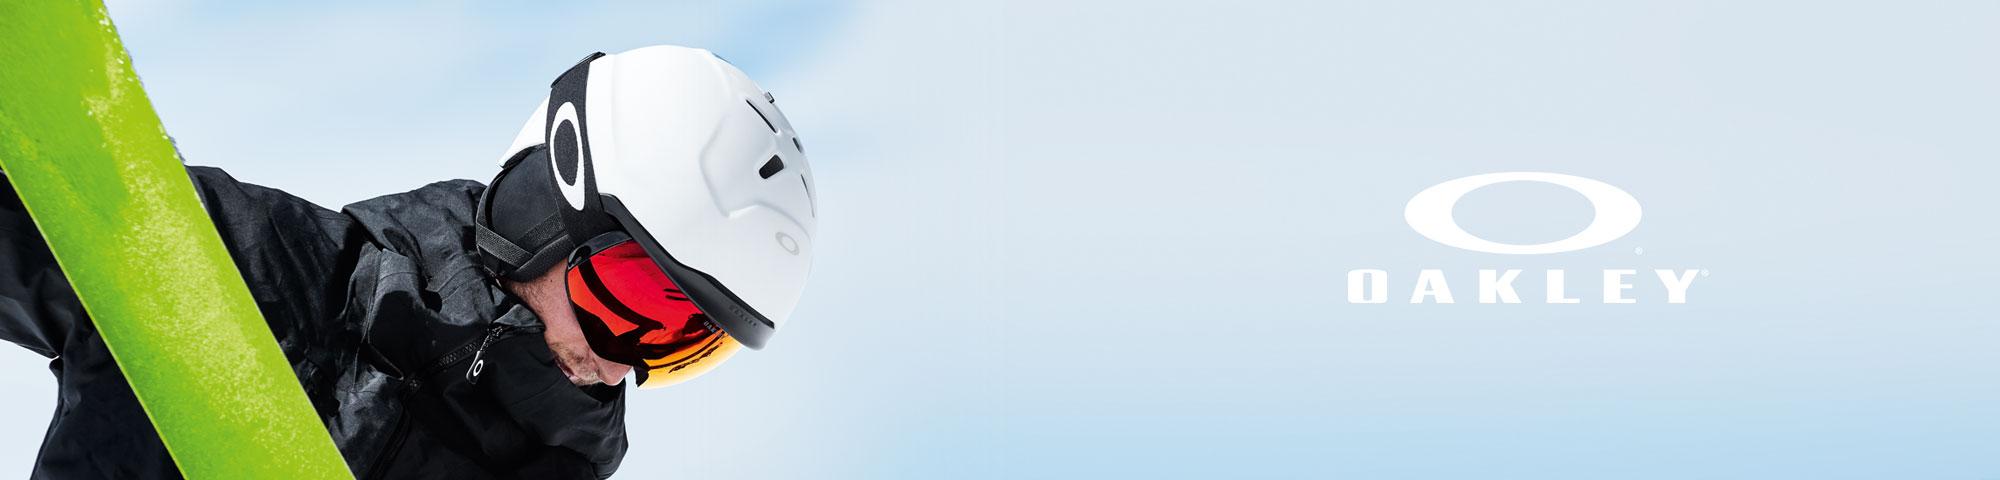 Oakley MOD 1 Youth MIPS Ski Helmet